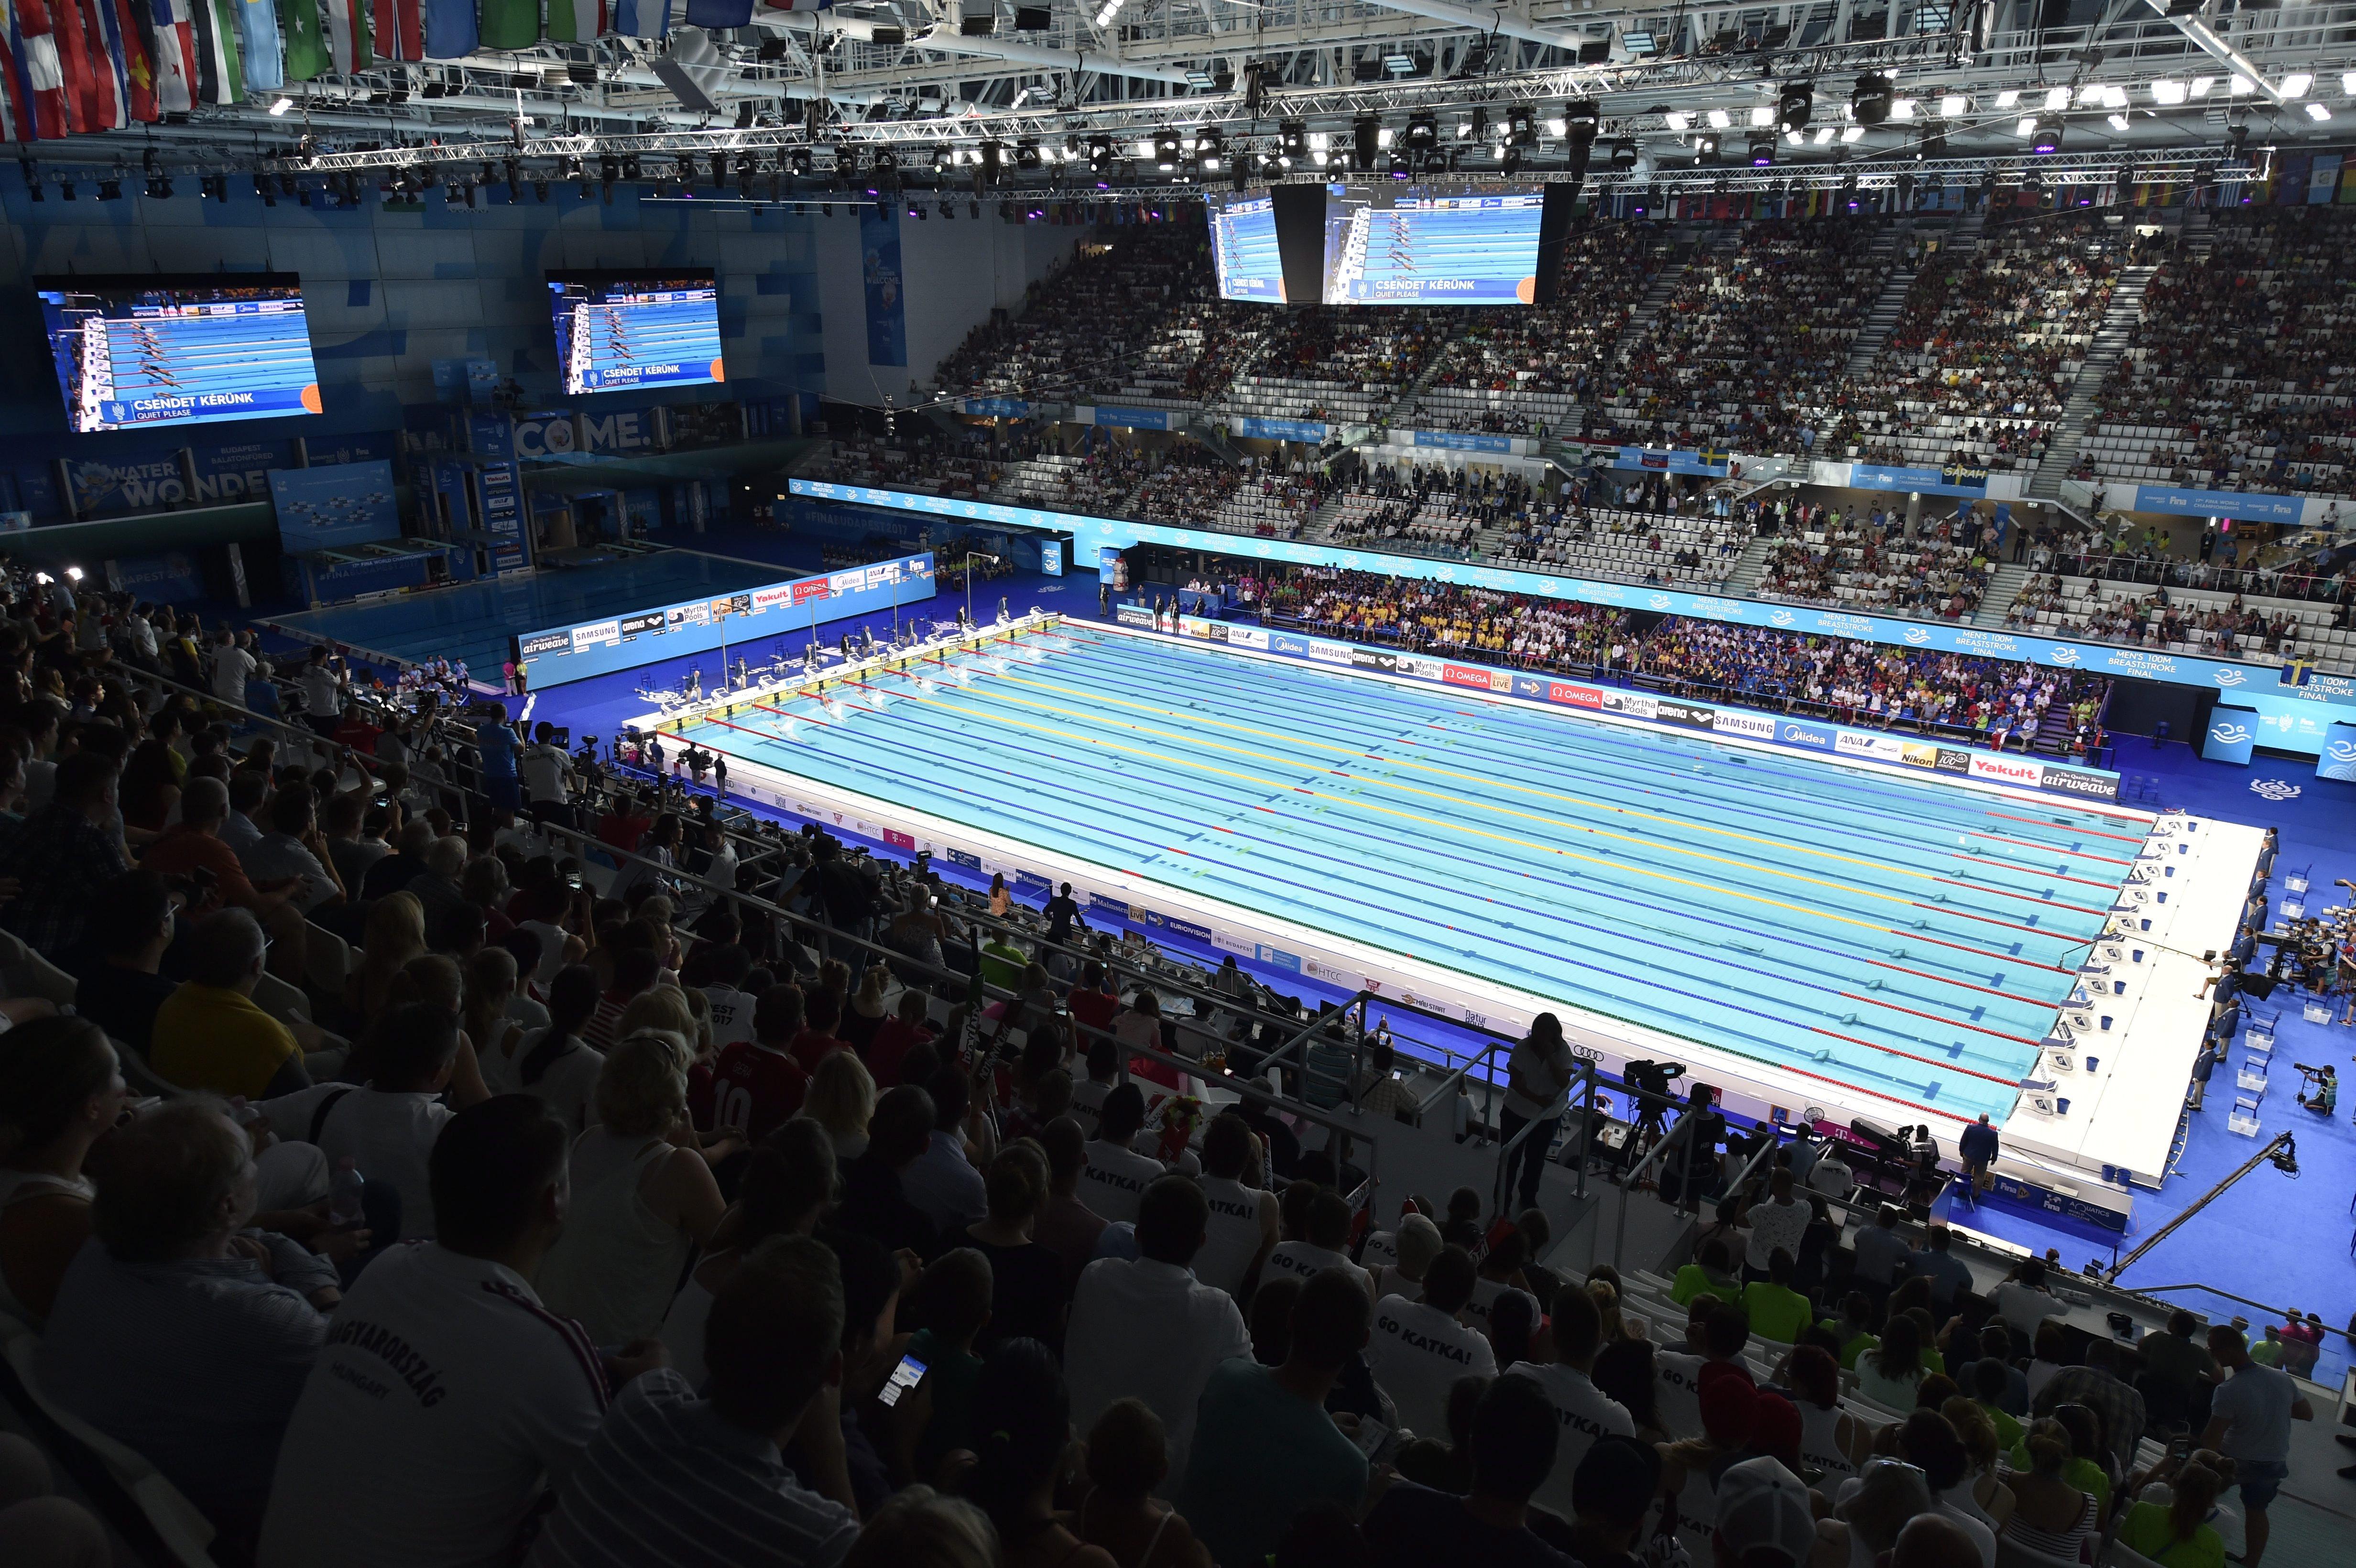 Hatalmas siker: mostantól vasárnap napközben is nyitva lesz a Duna Aréna a nagyközönség számára